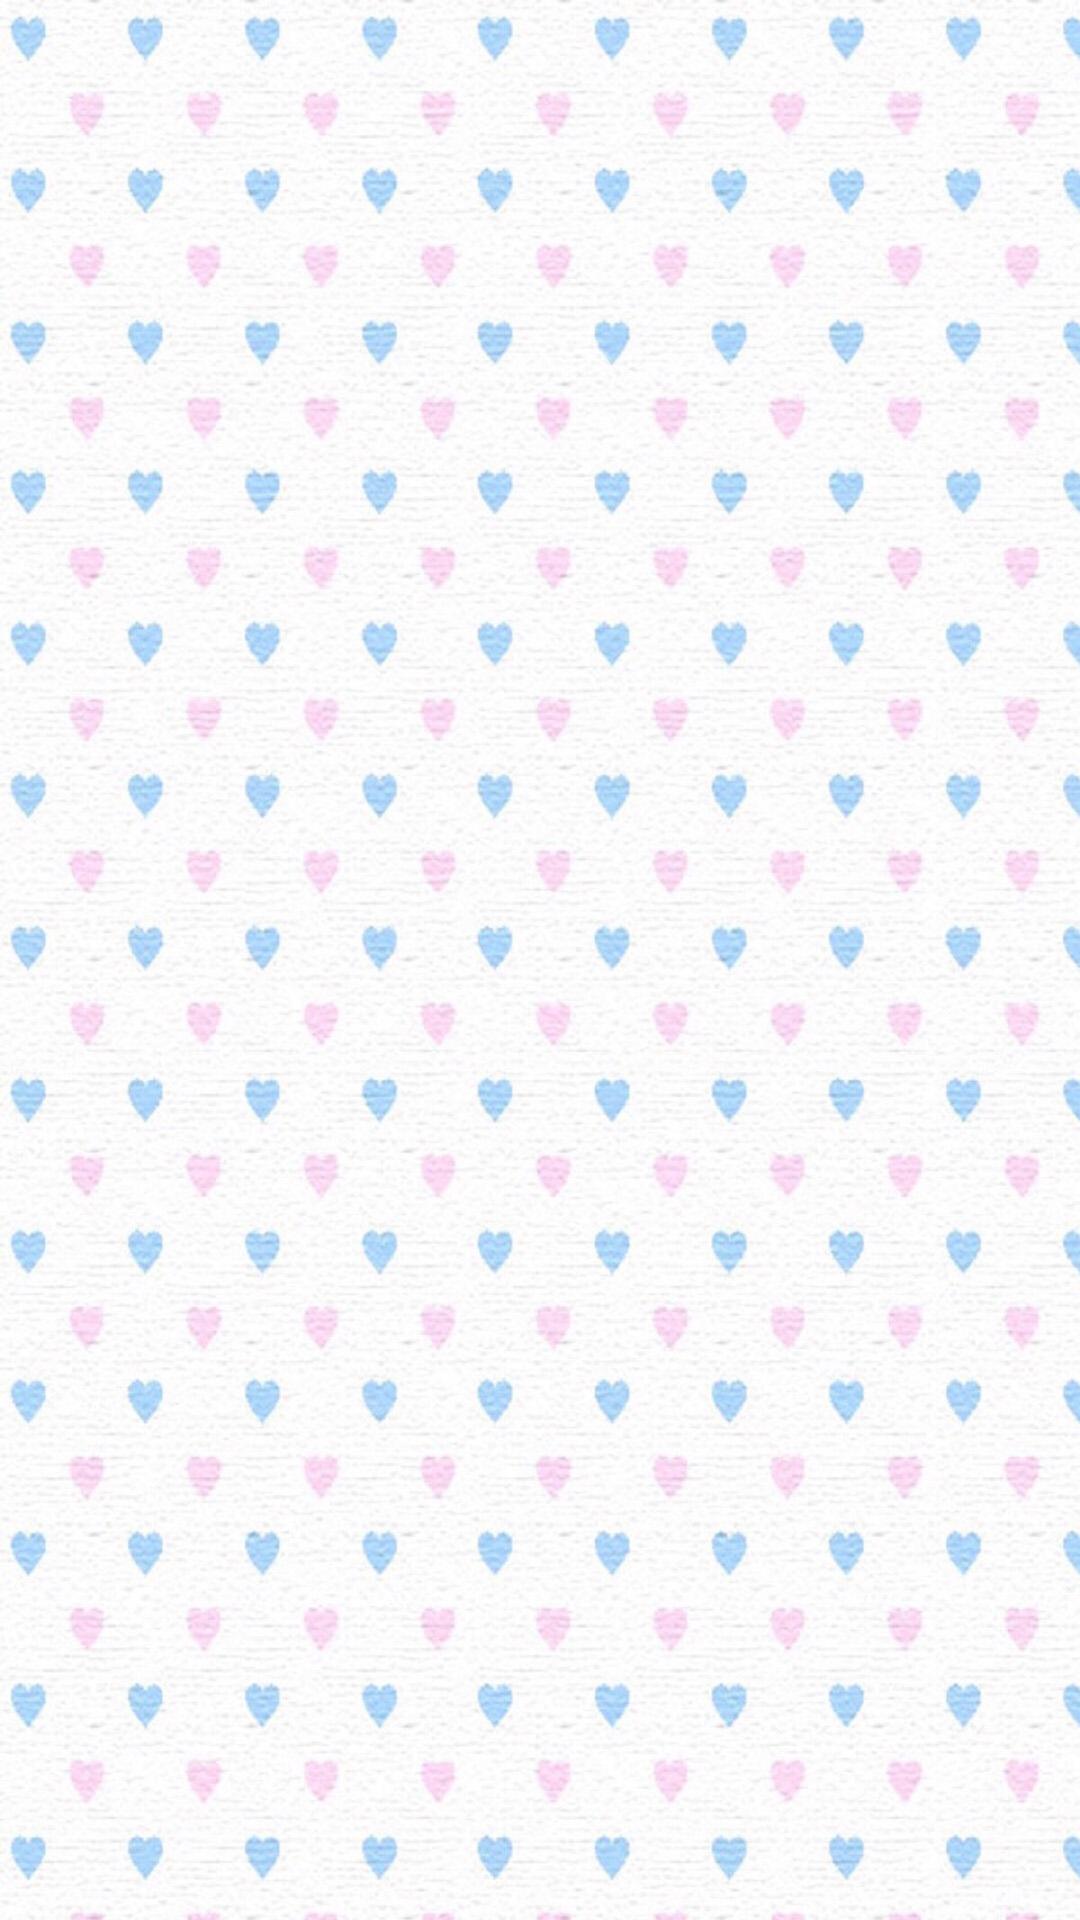 【v粉壁纸】小清新可爱简洁平铺图片手机壁纸